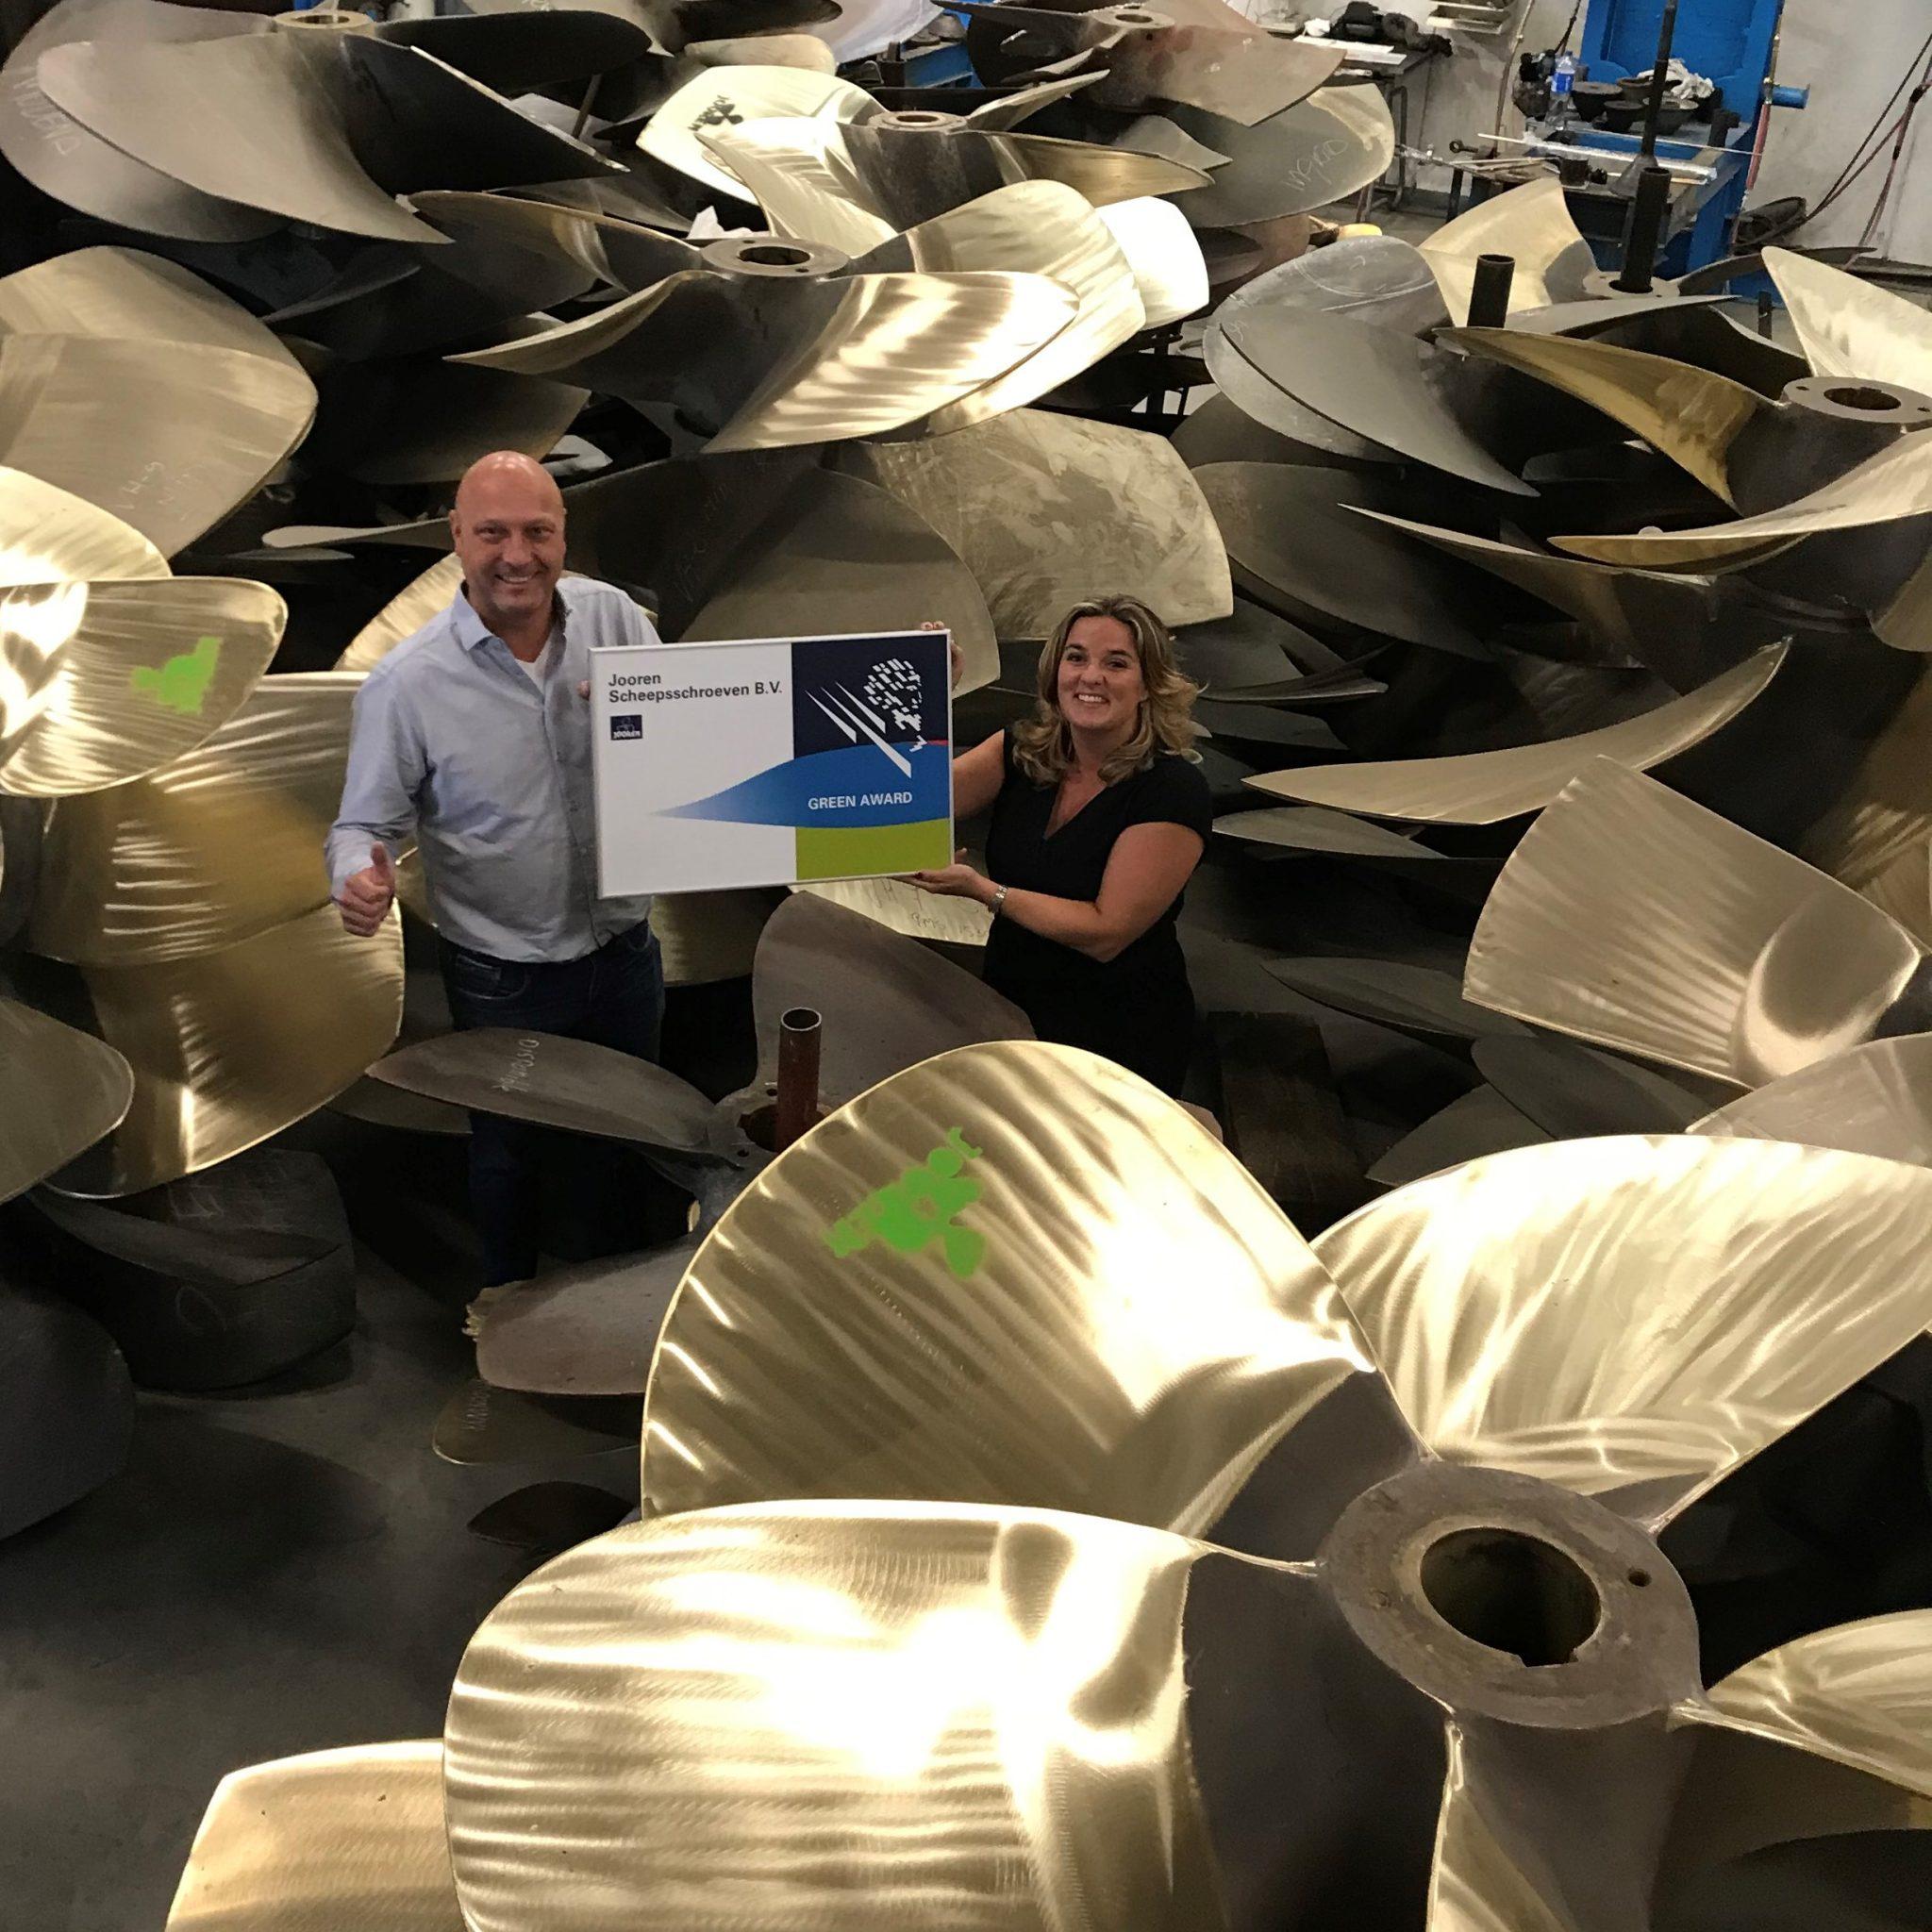 Chris en Yvette Smit tonen trots het Green Award bord. (Foto Green Award Binnenvaart)